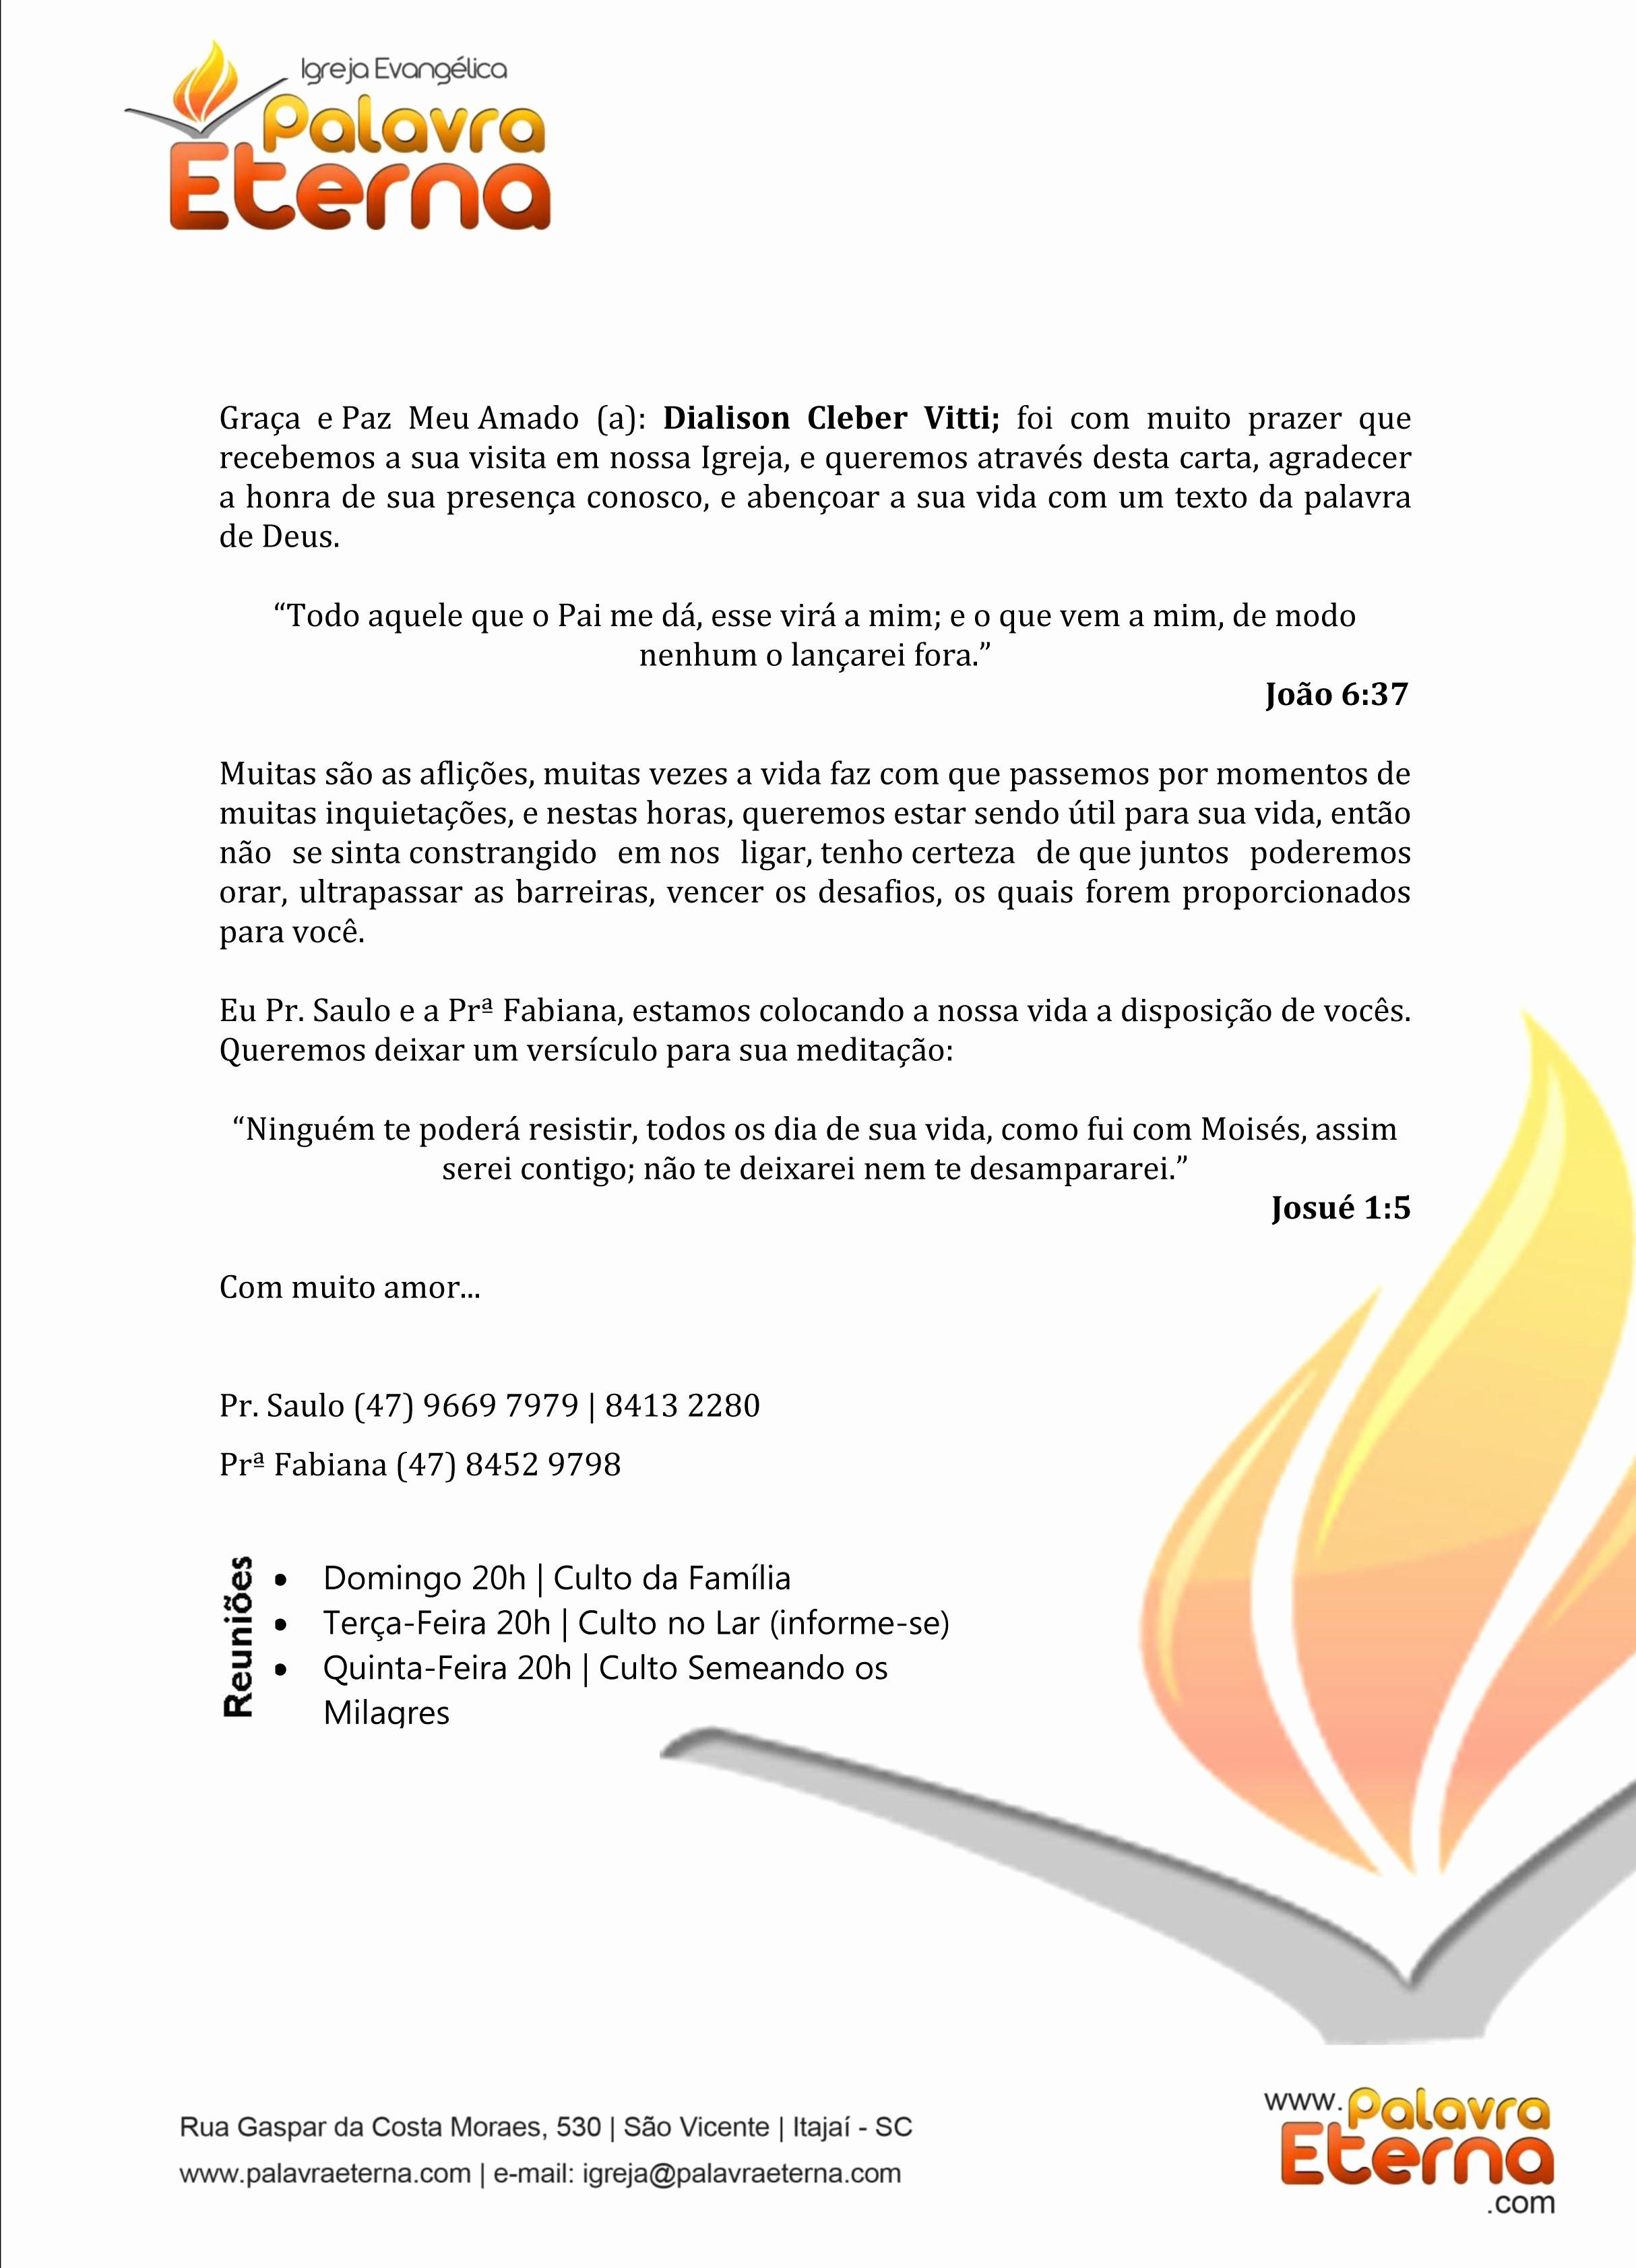 Modelo De Carta De Agradecimento Lovely Carta De Agradecimento Da Igreja Palavra Eterna